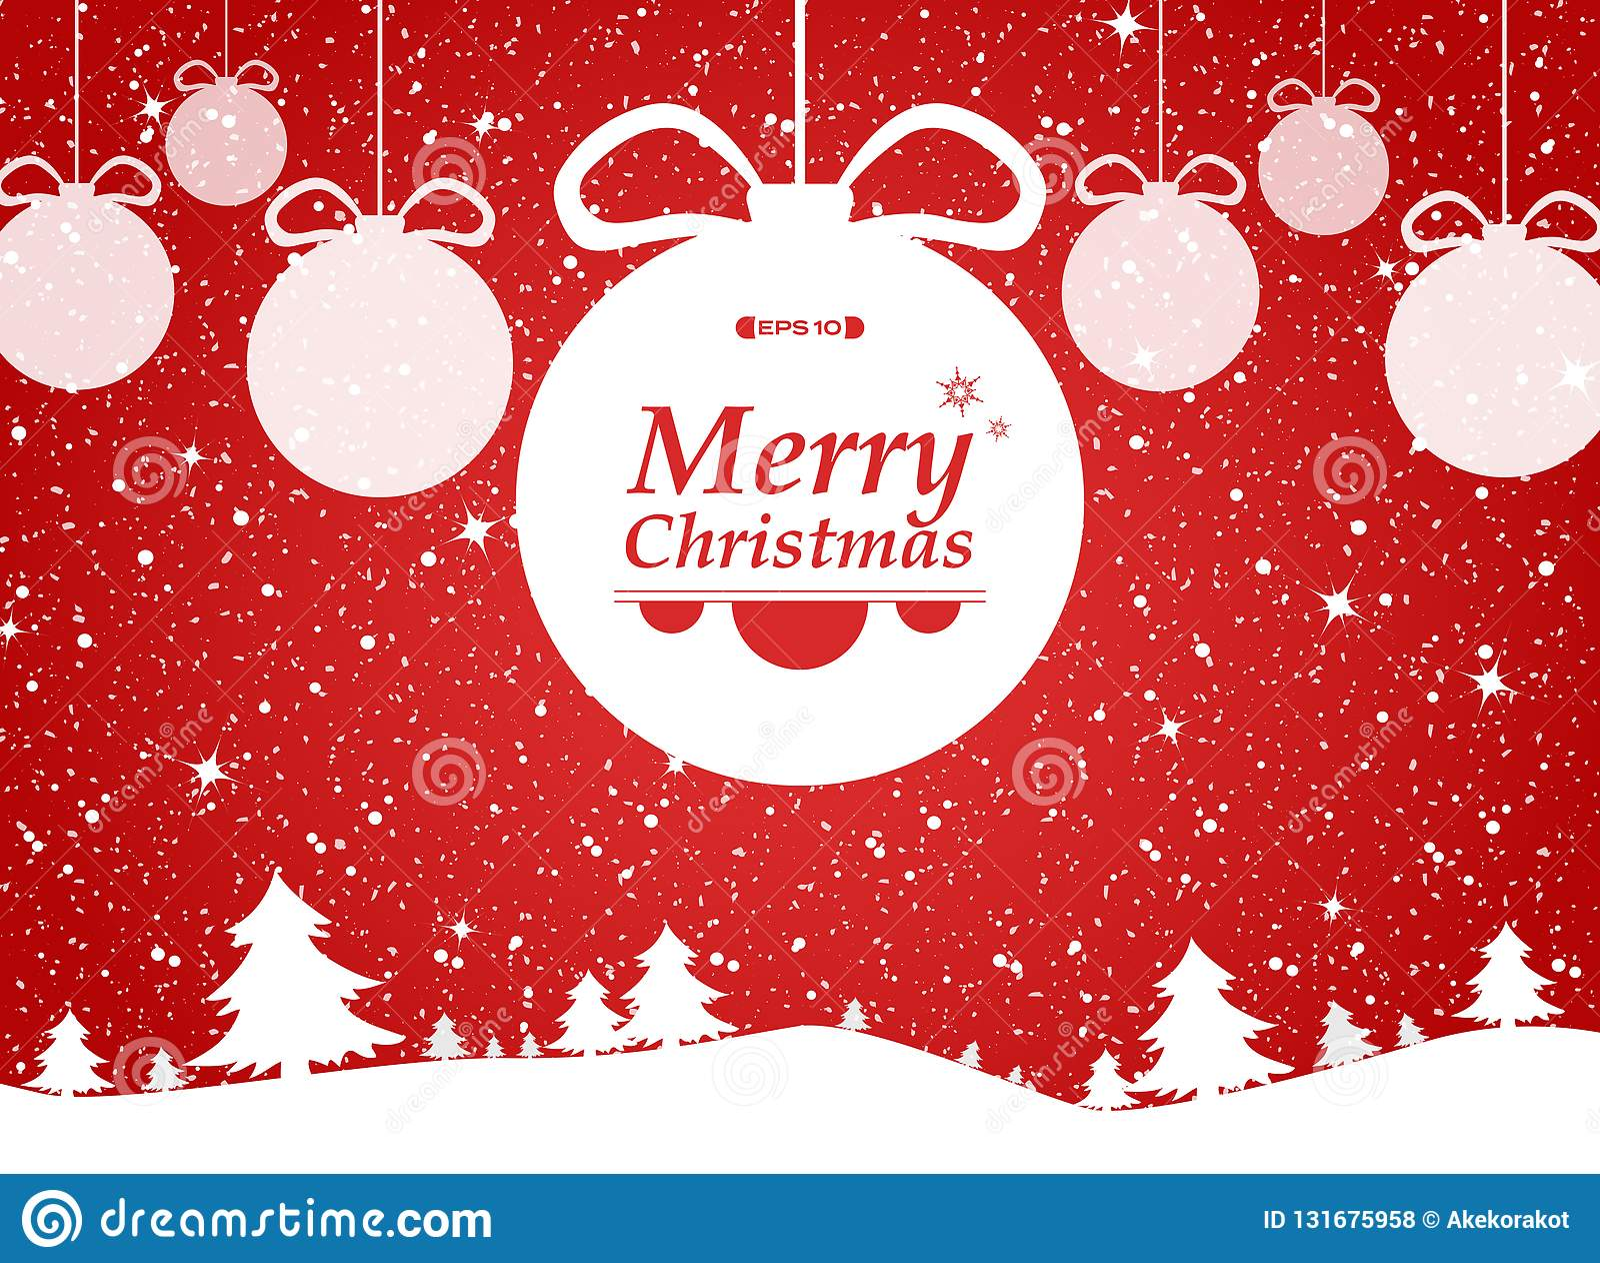 Χαρούμενα Χριστούγεννα του κόκκινου υποβάθρου στα δώρα δασών και χιονιών